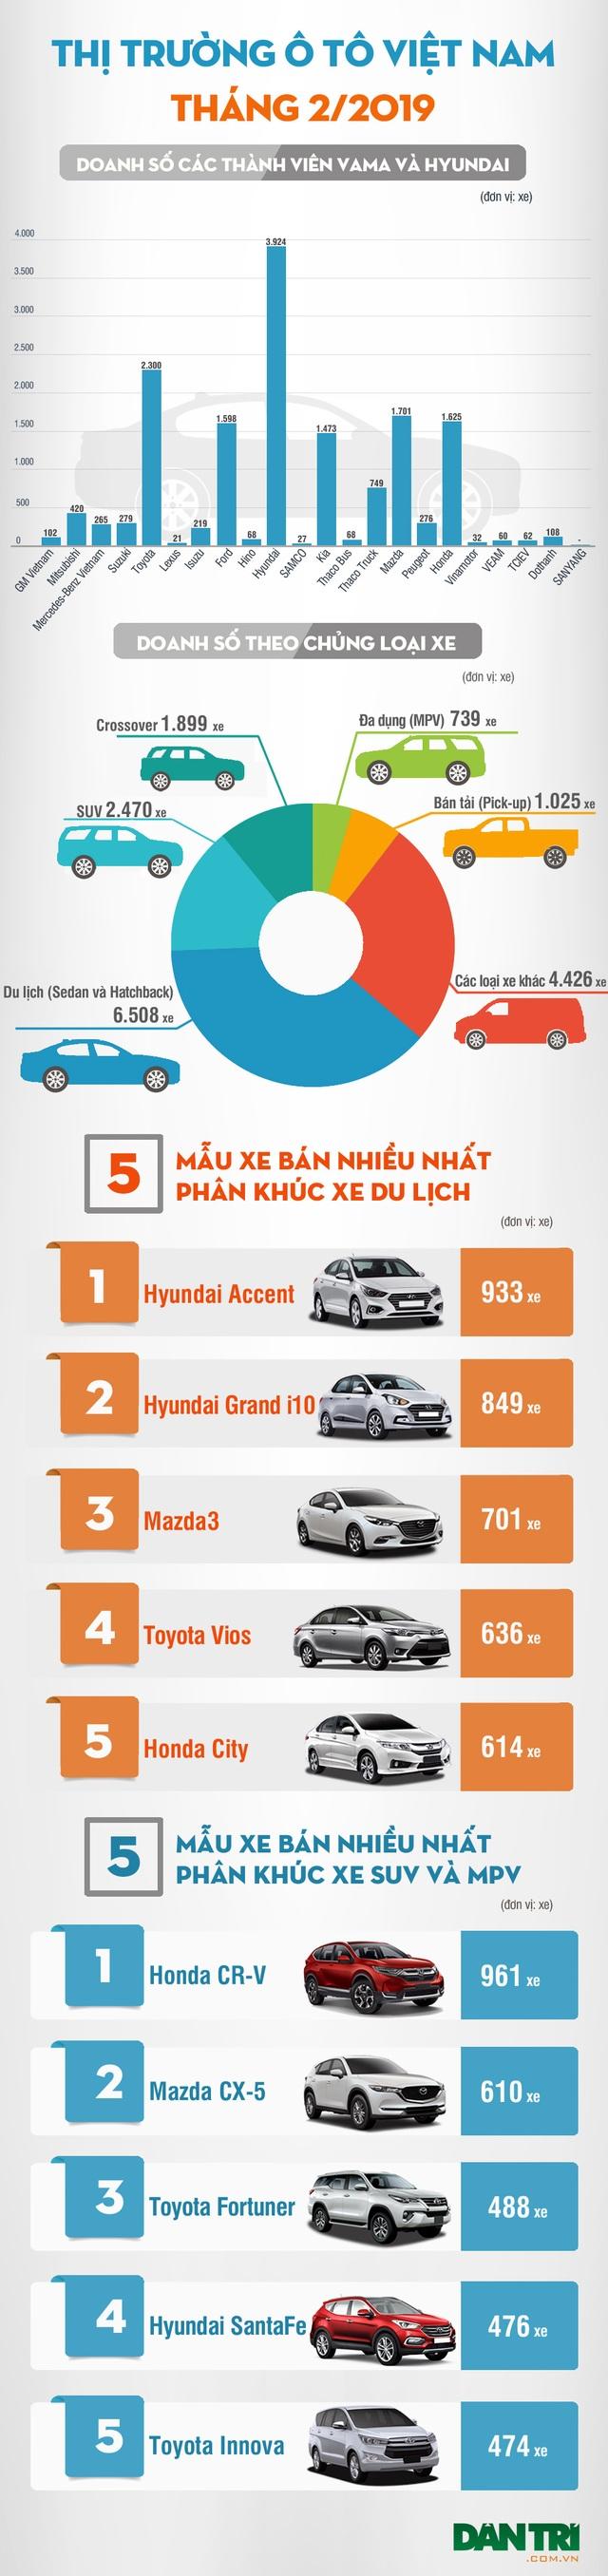 Thương hiệu ôtô nào được ưa chuộng nhất Việt Nam tháng 2/2019? - 2